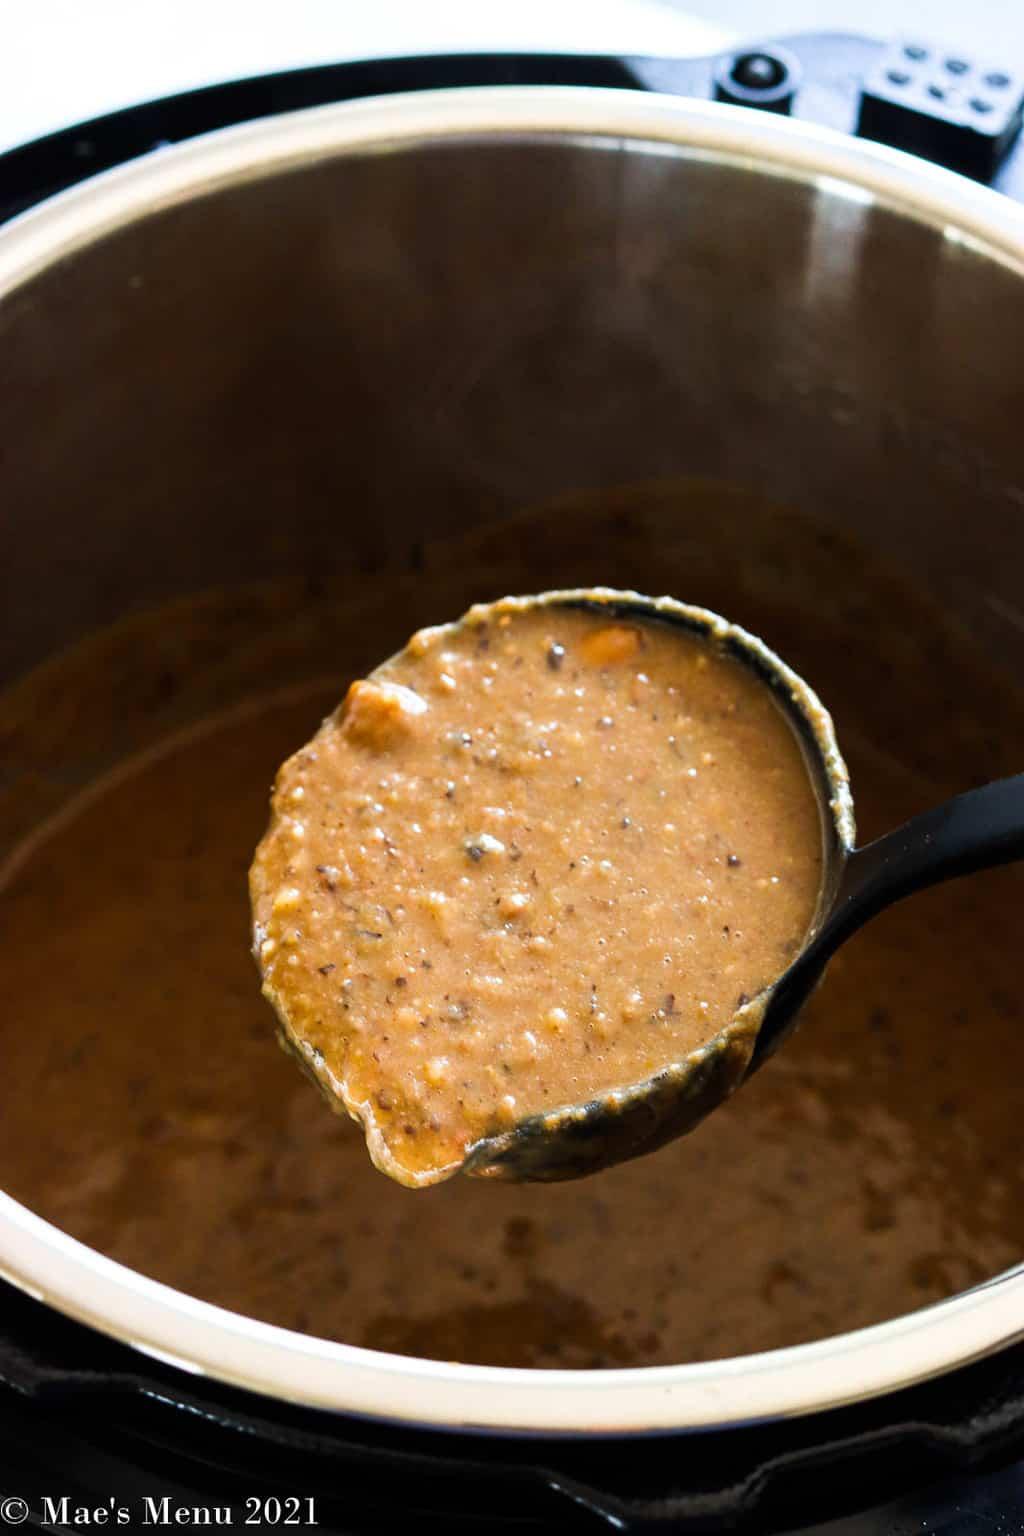 A ladle of Instant Pot Bean soup over an Instant pot